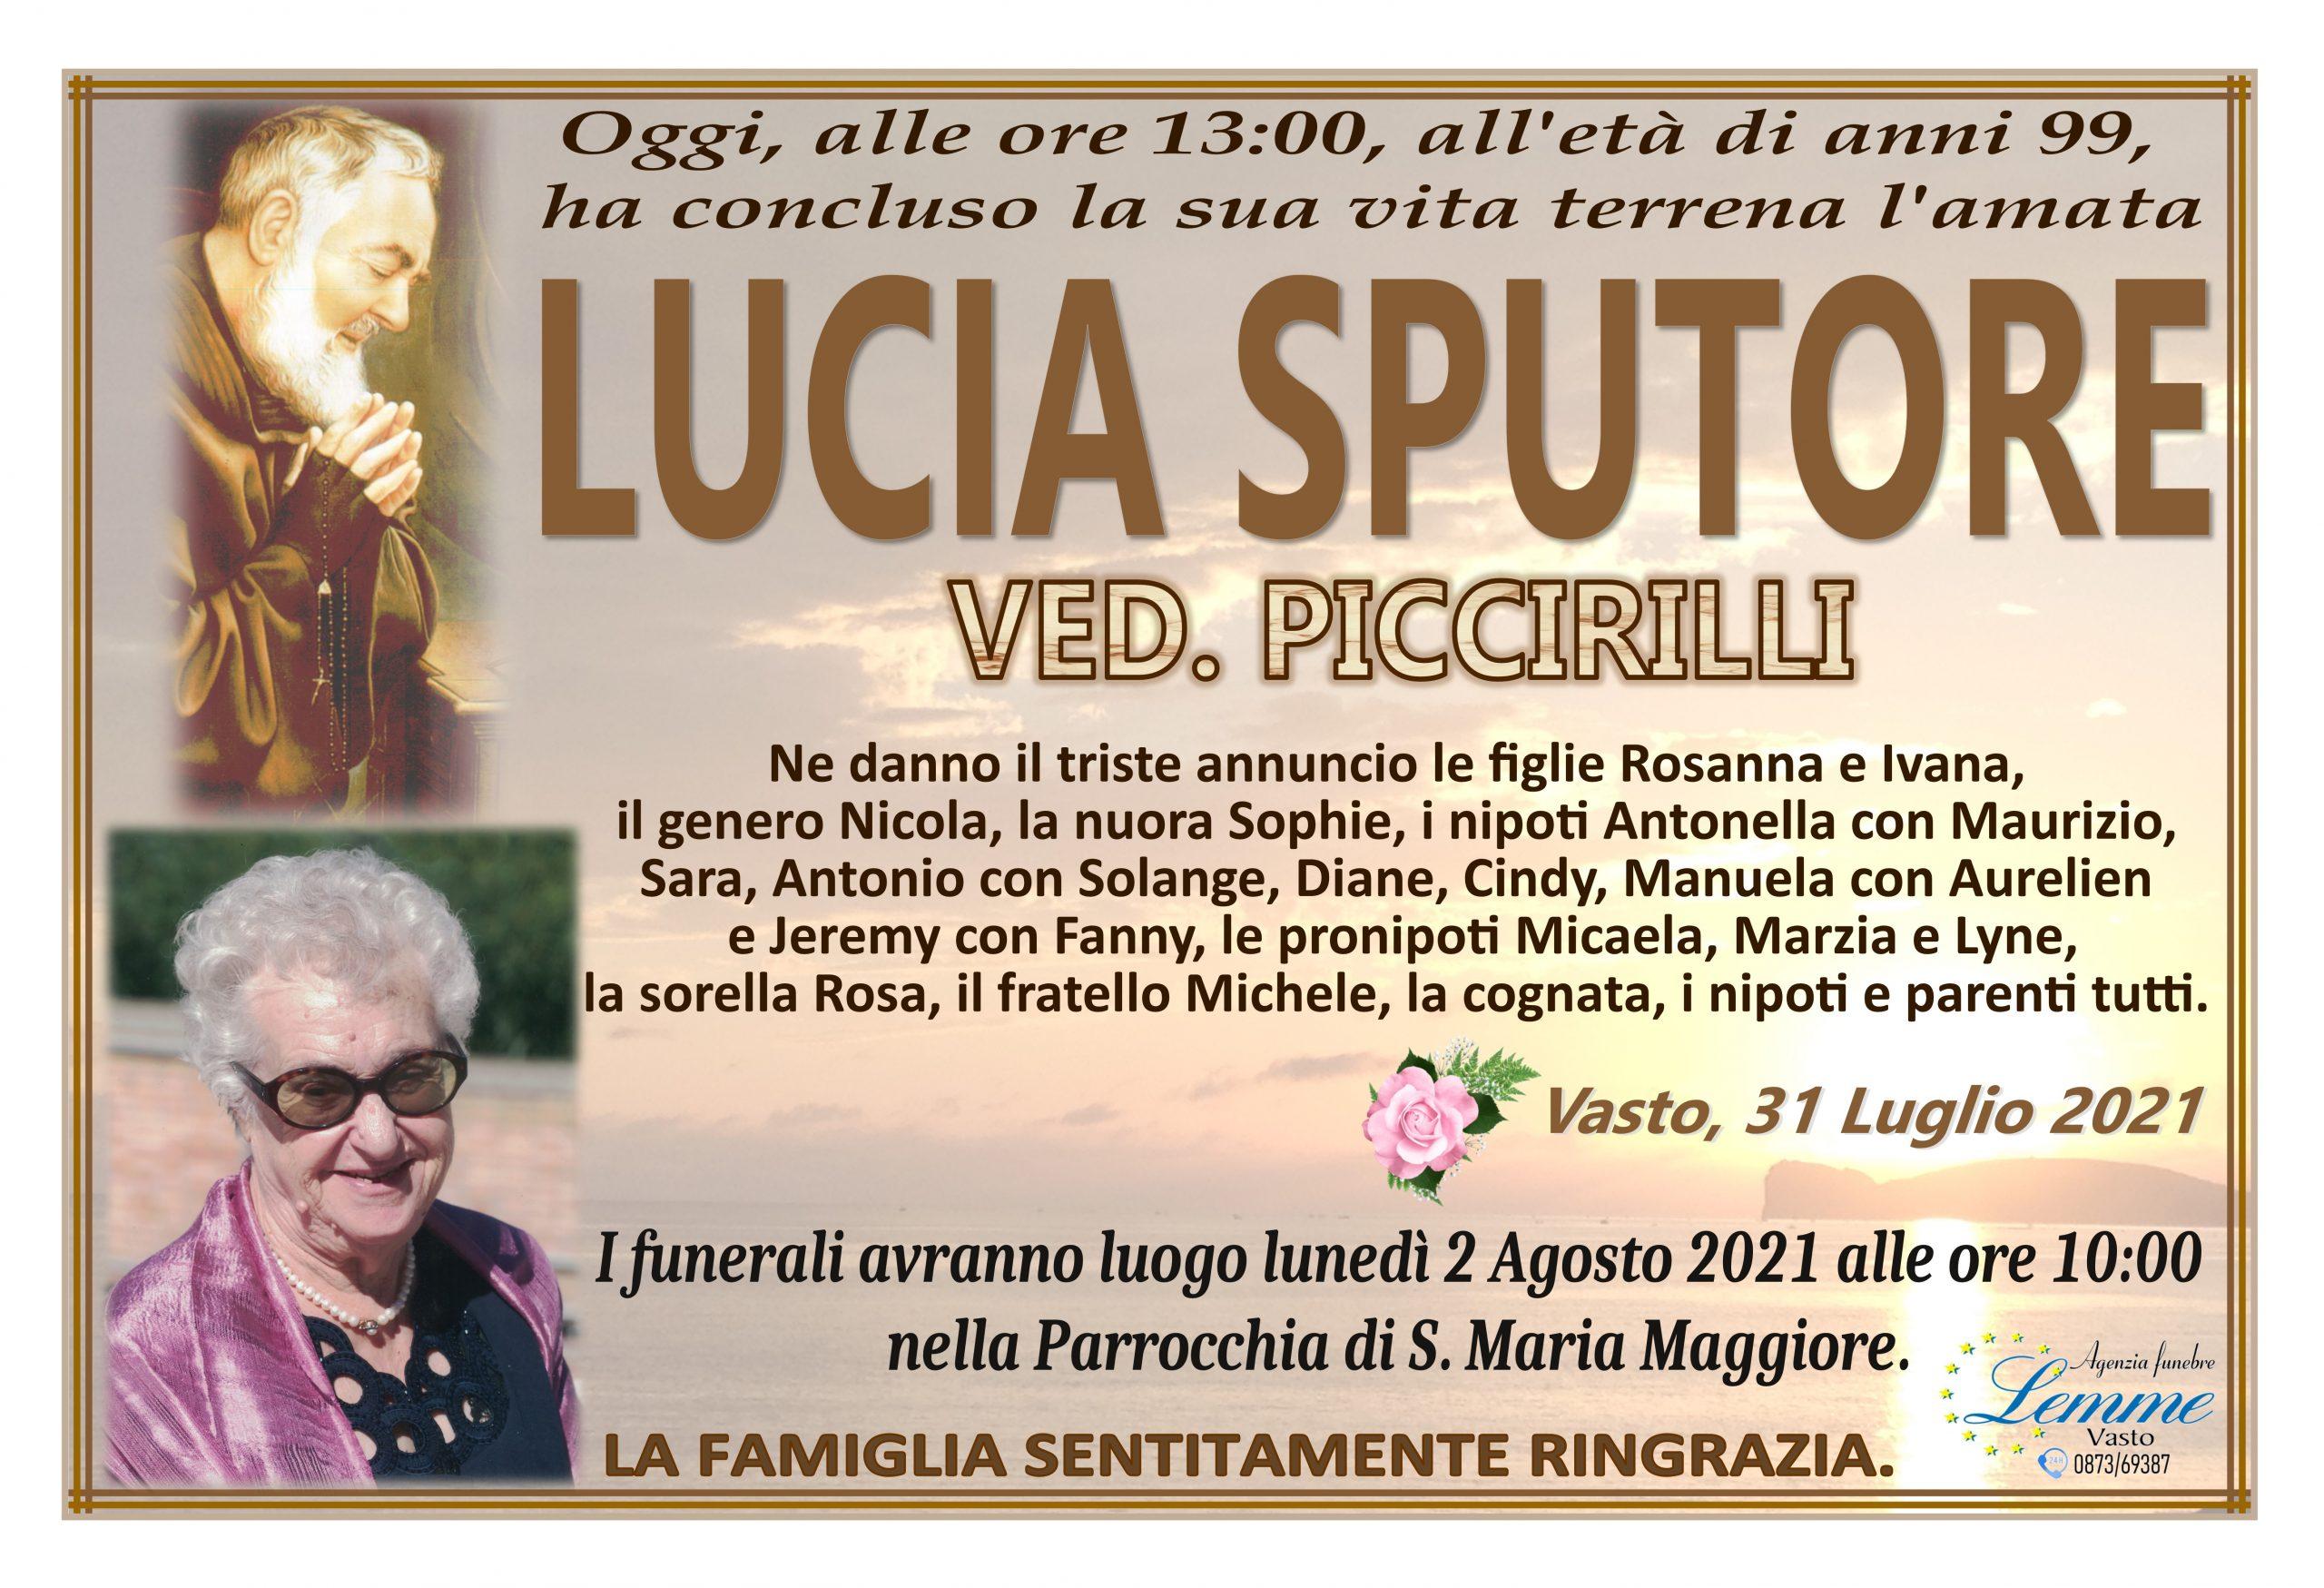 LUCIA SPUTORE